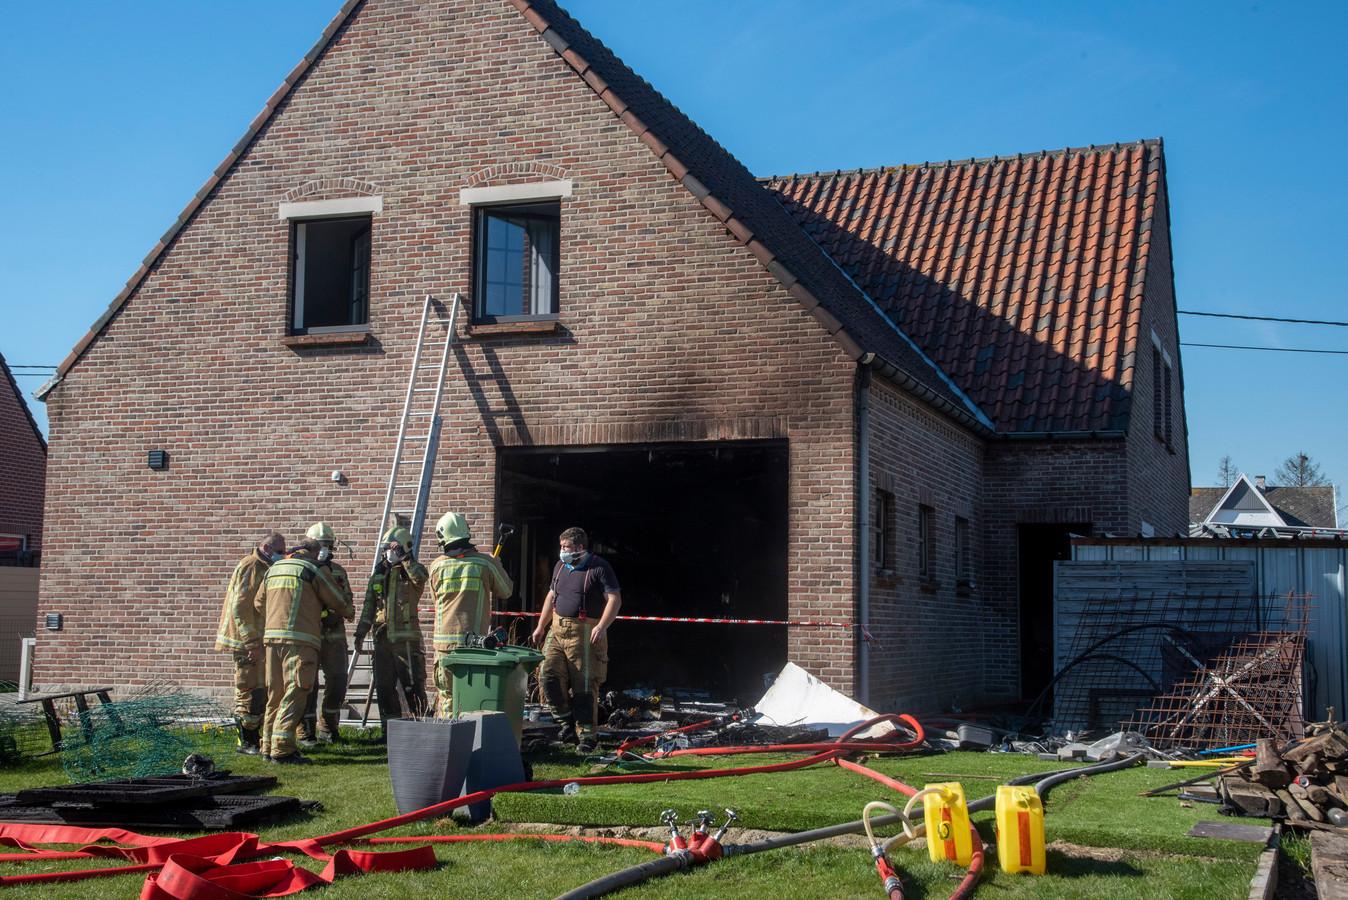 Woningbrand Biesakker 11 in Serskamp.